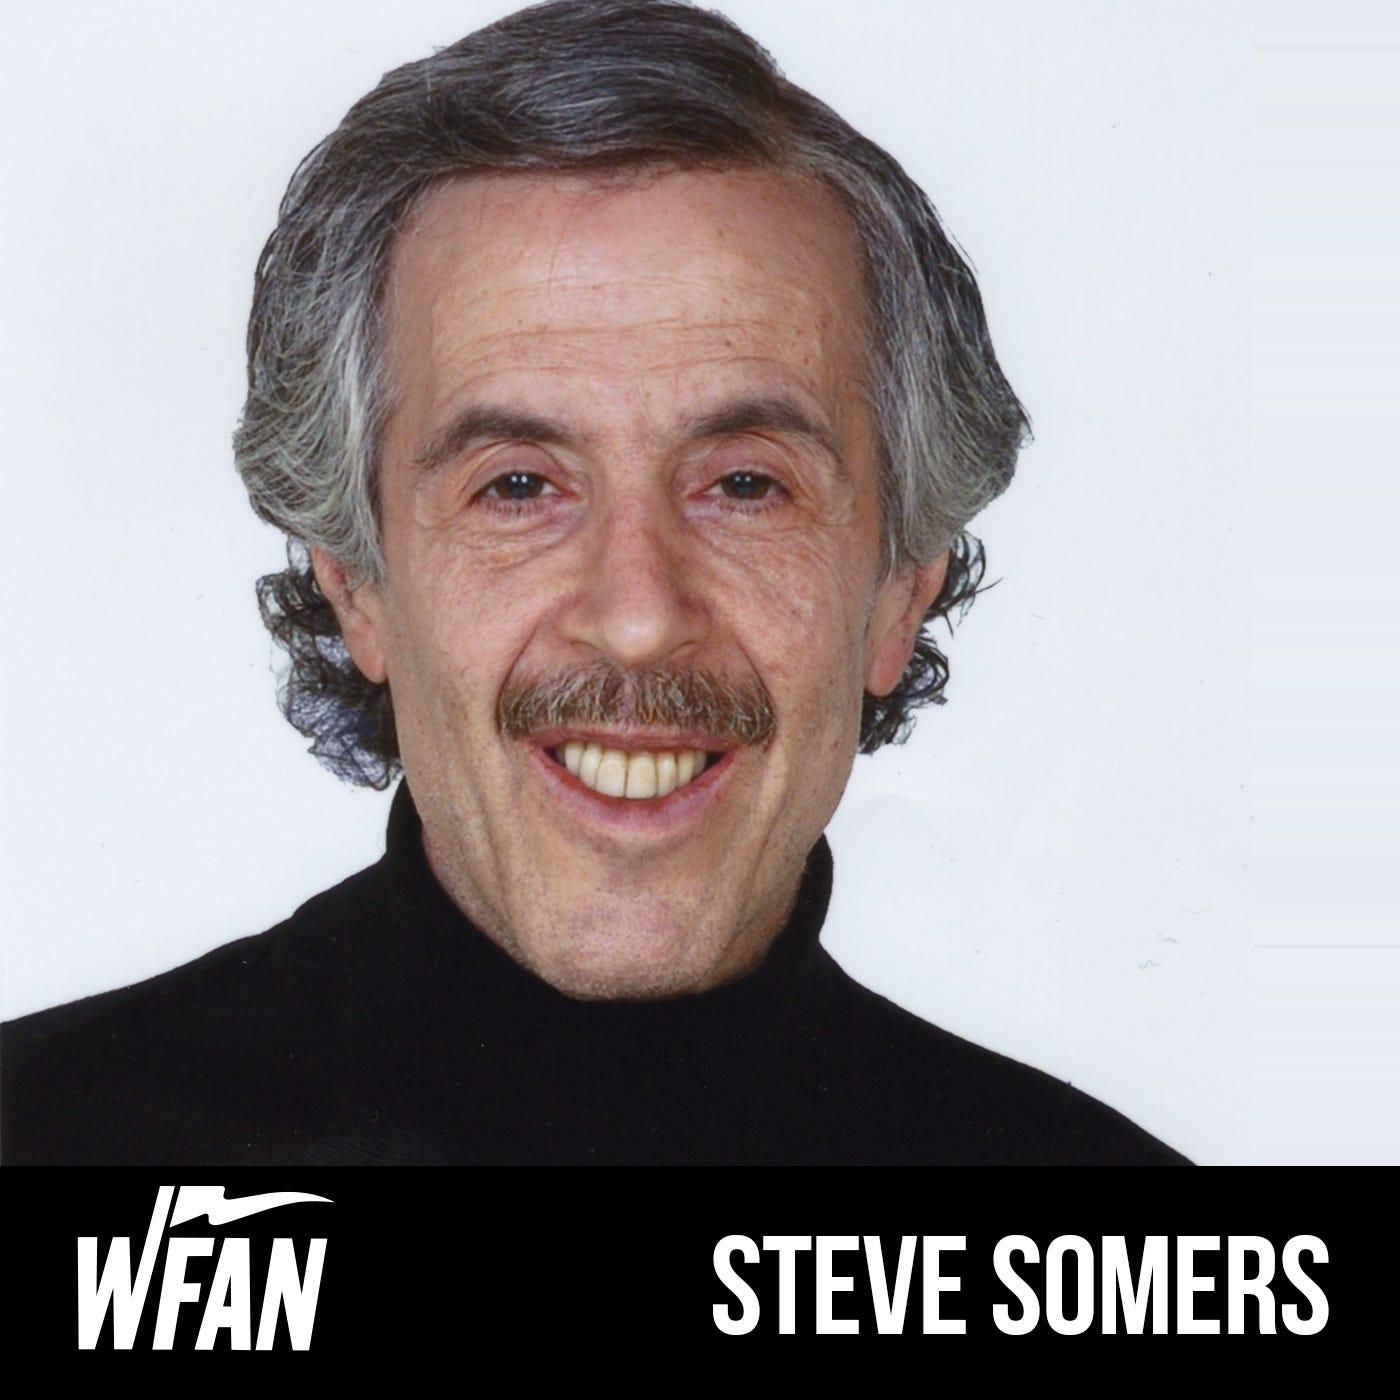 Steve Somers